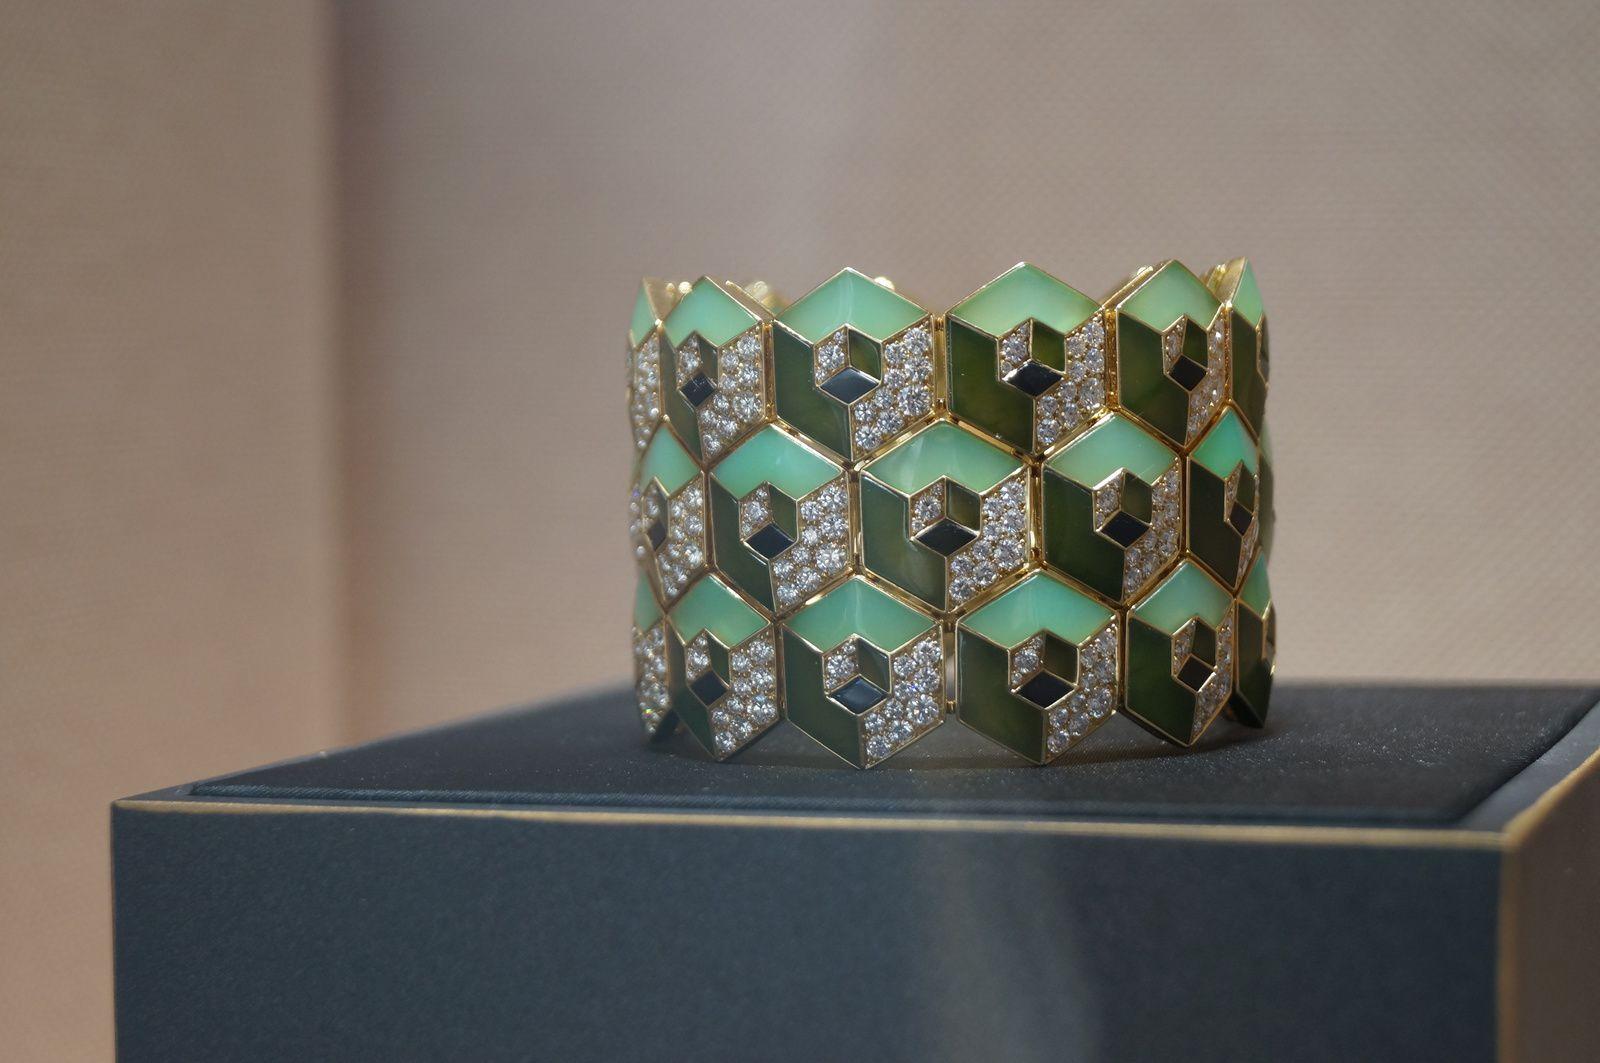 Bracelet de Cartier, or jaune, jade néphrite, chrysoprases, onyx et diamants © Bliss from Paris